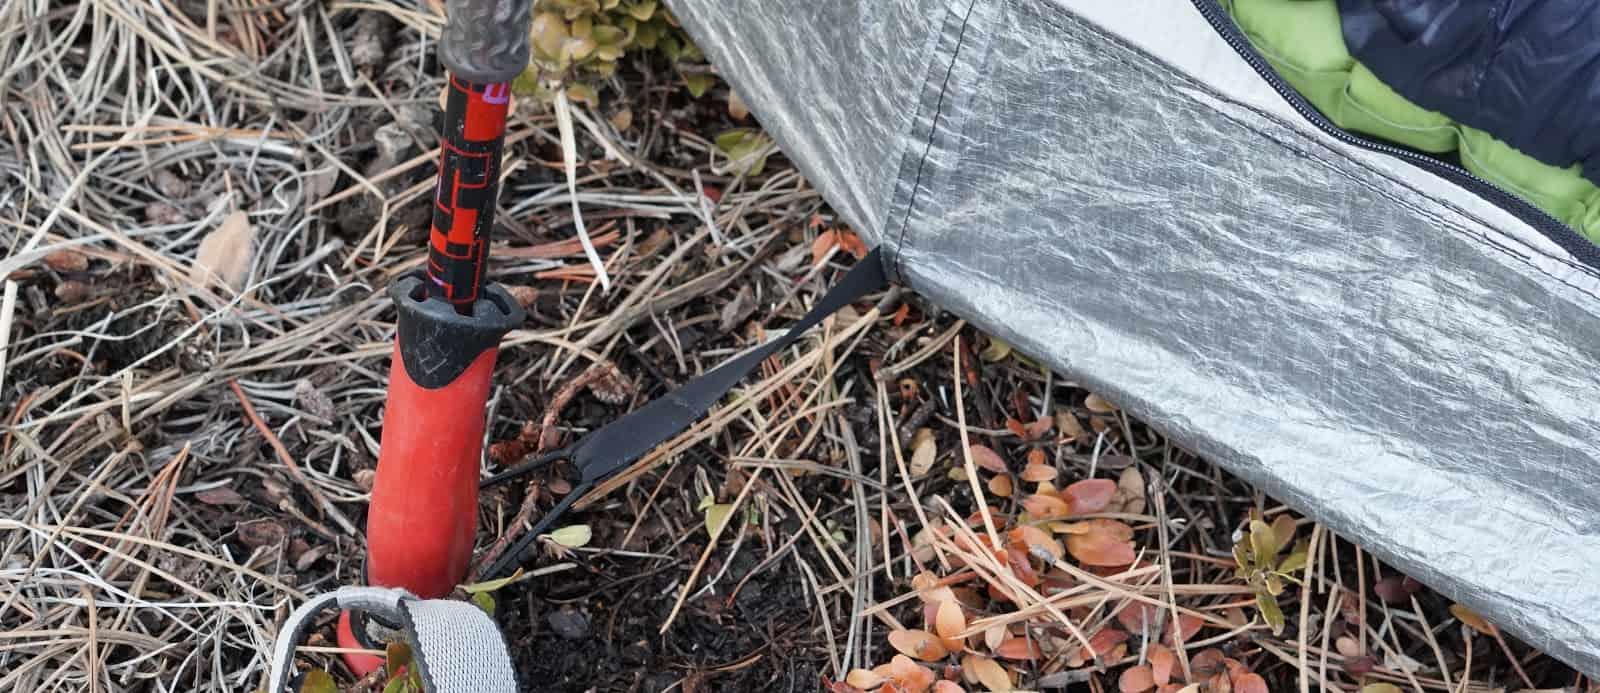 tarptent notch li review trekking pole inner tent attachement